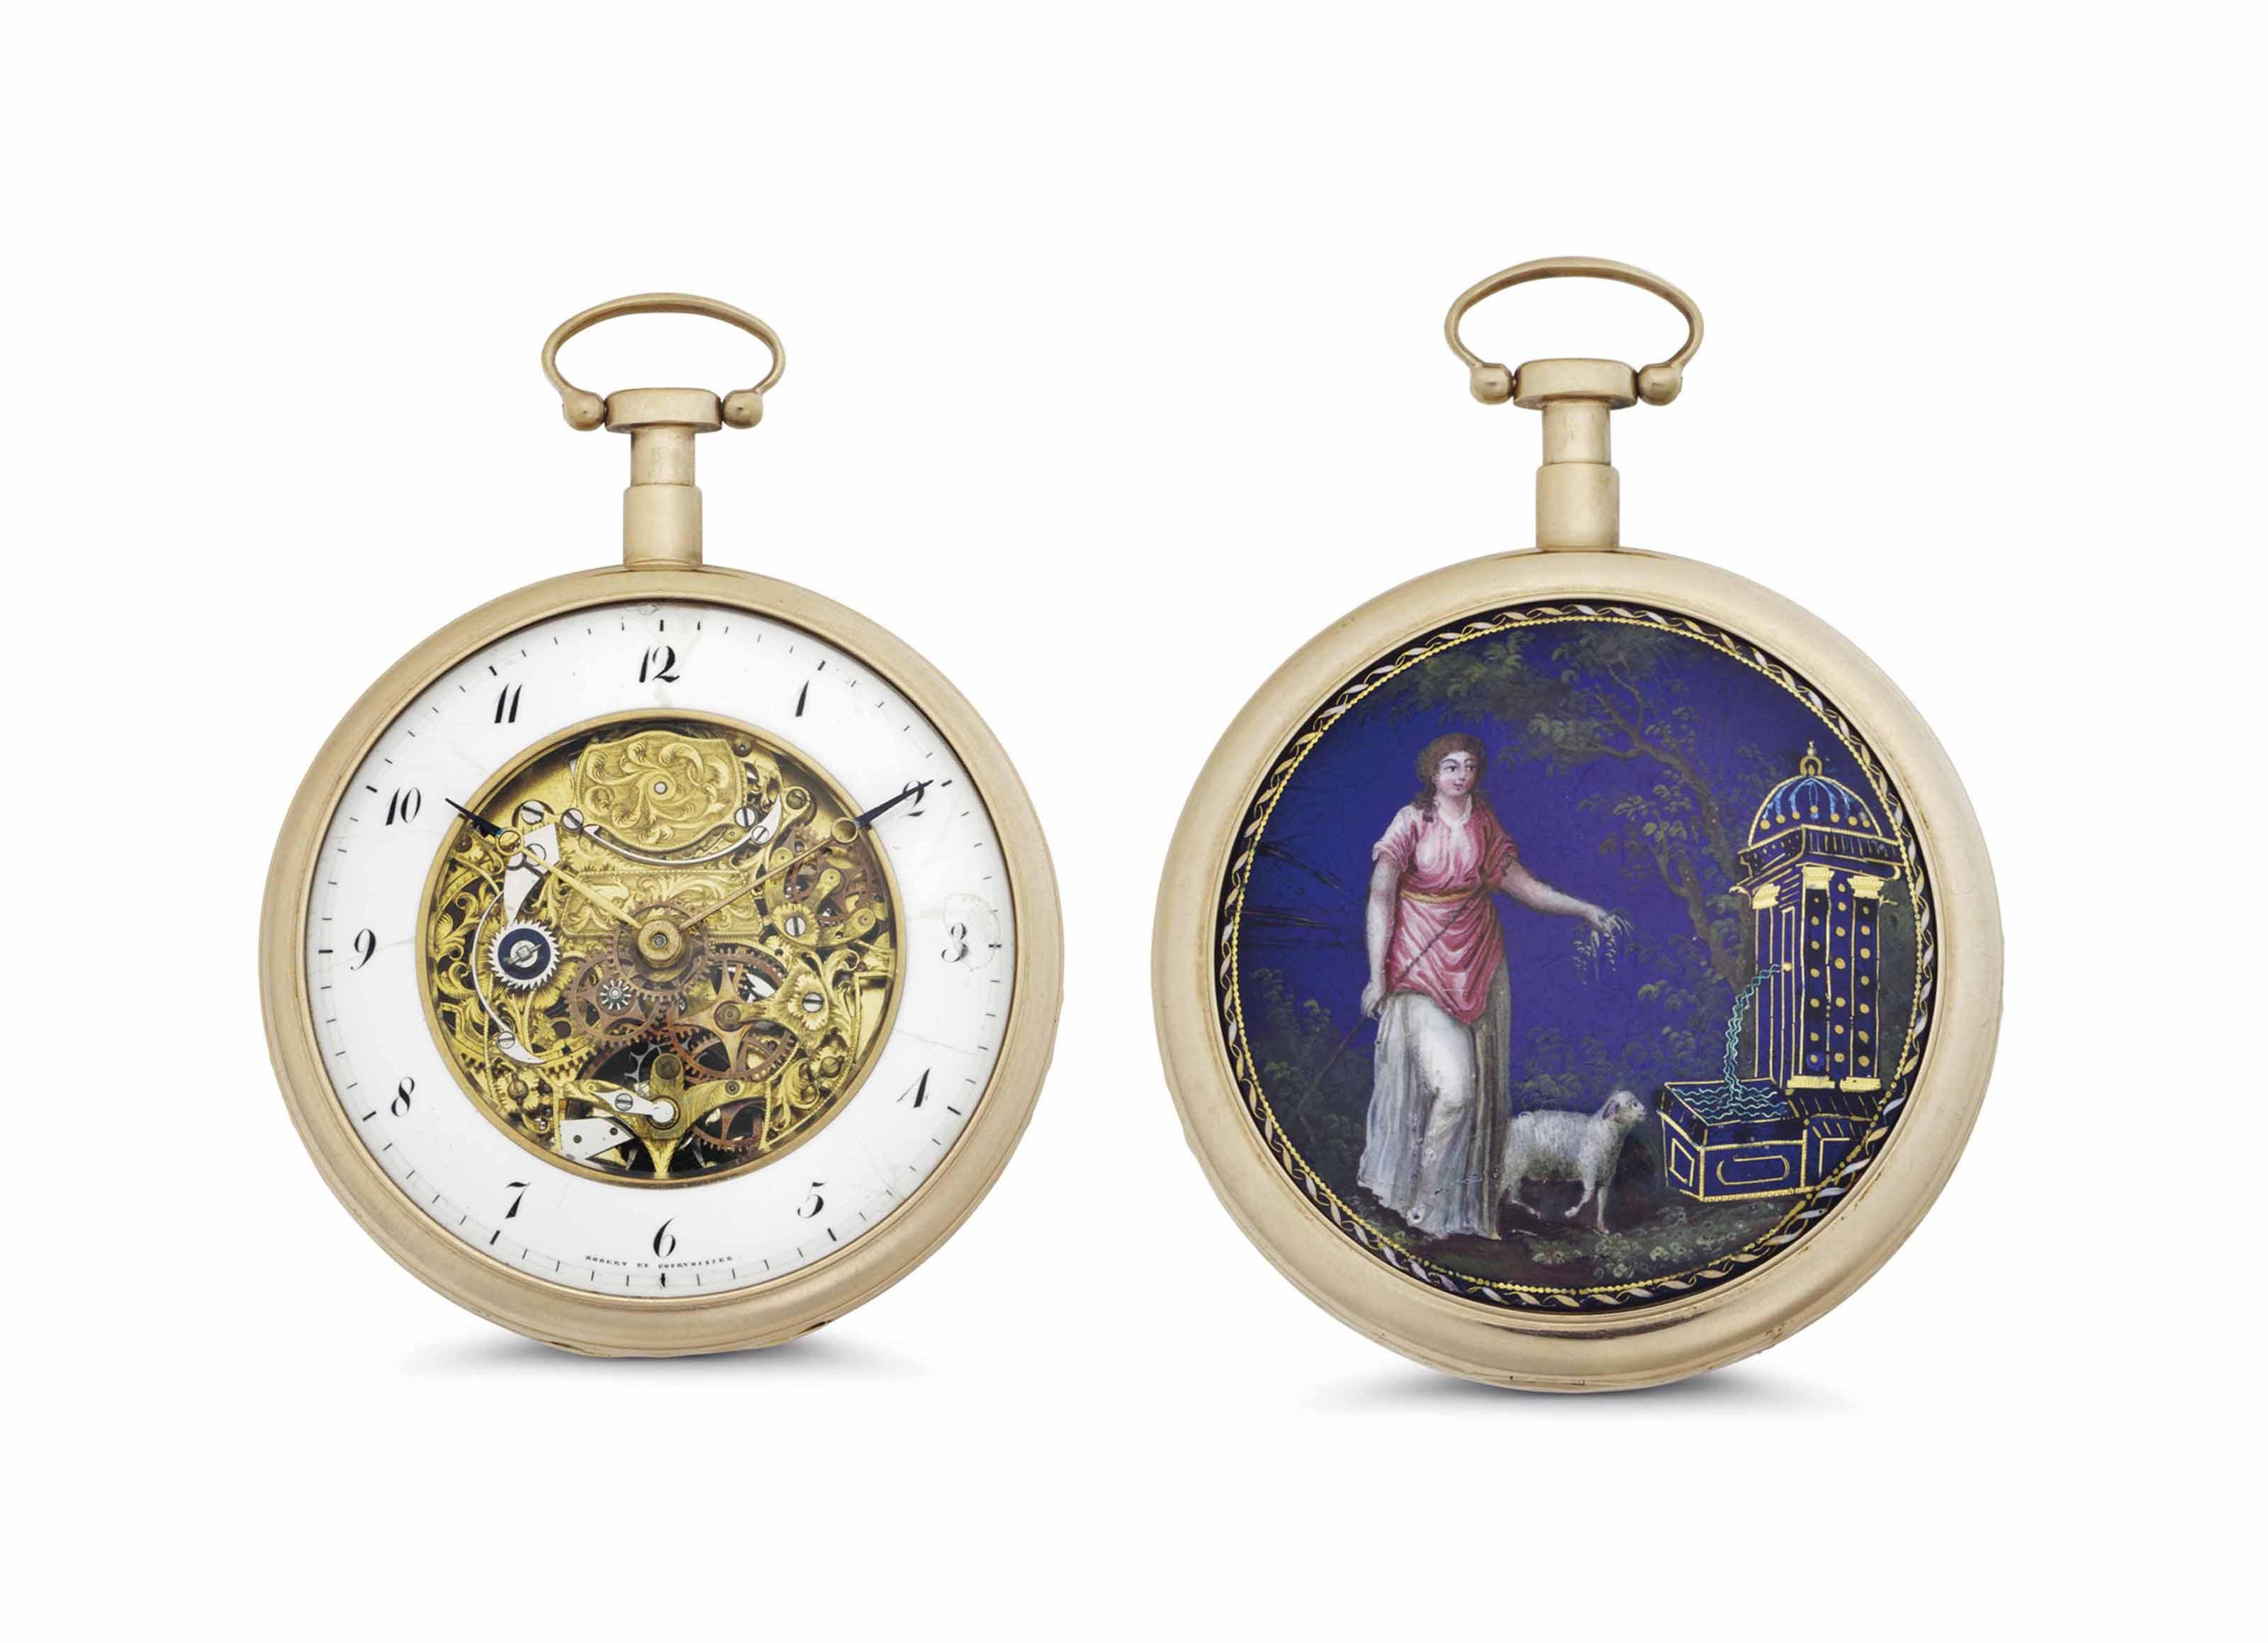 Robert et Courvoisier. A Pink Gilt and Enamel Skeletonized Openface Quarter Repeating Keywound Cylinder Pocket Watch